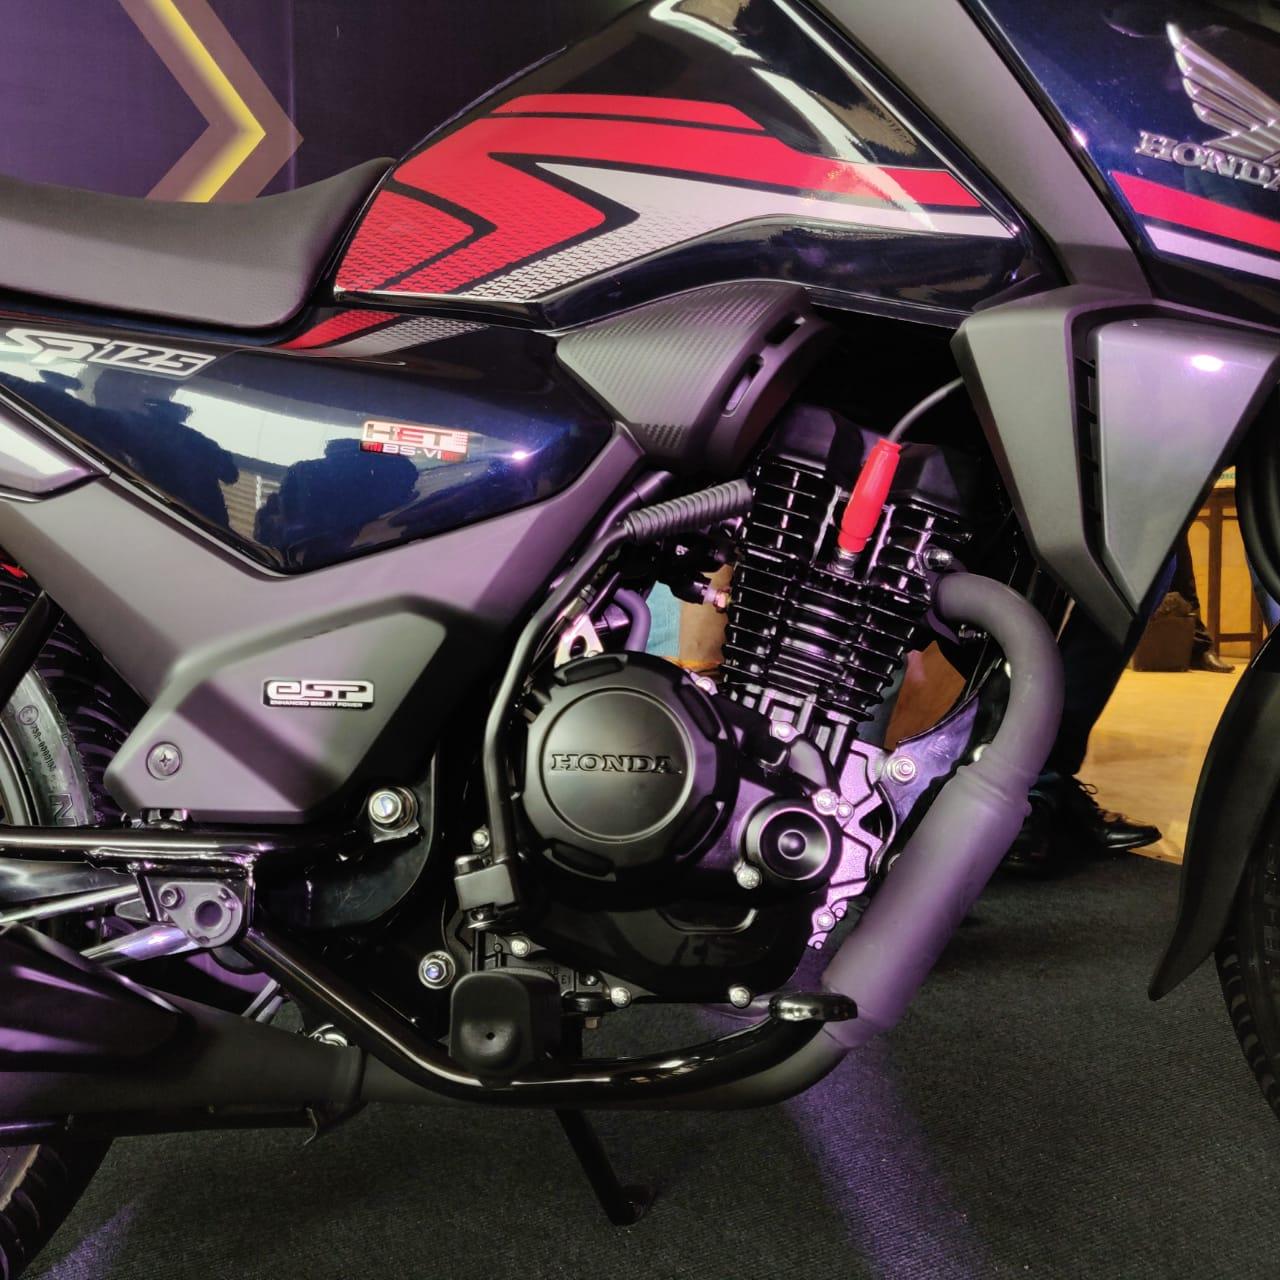 SP 125 2020 เครื่องยนต์ใหม่